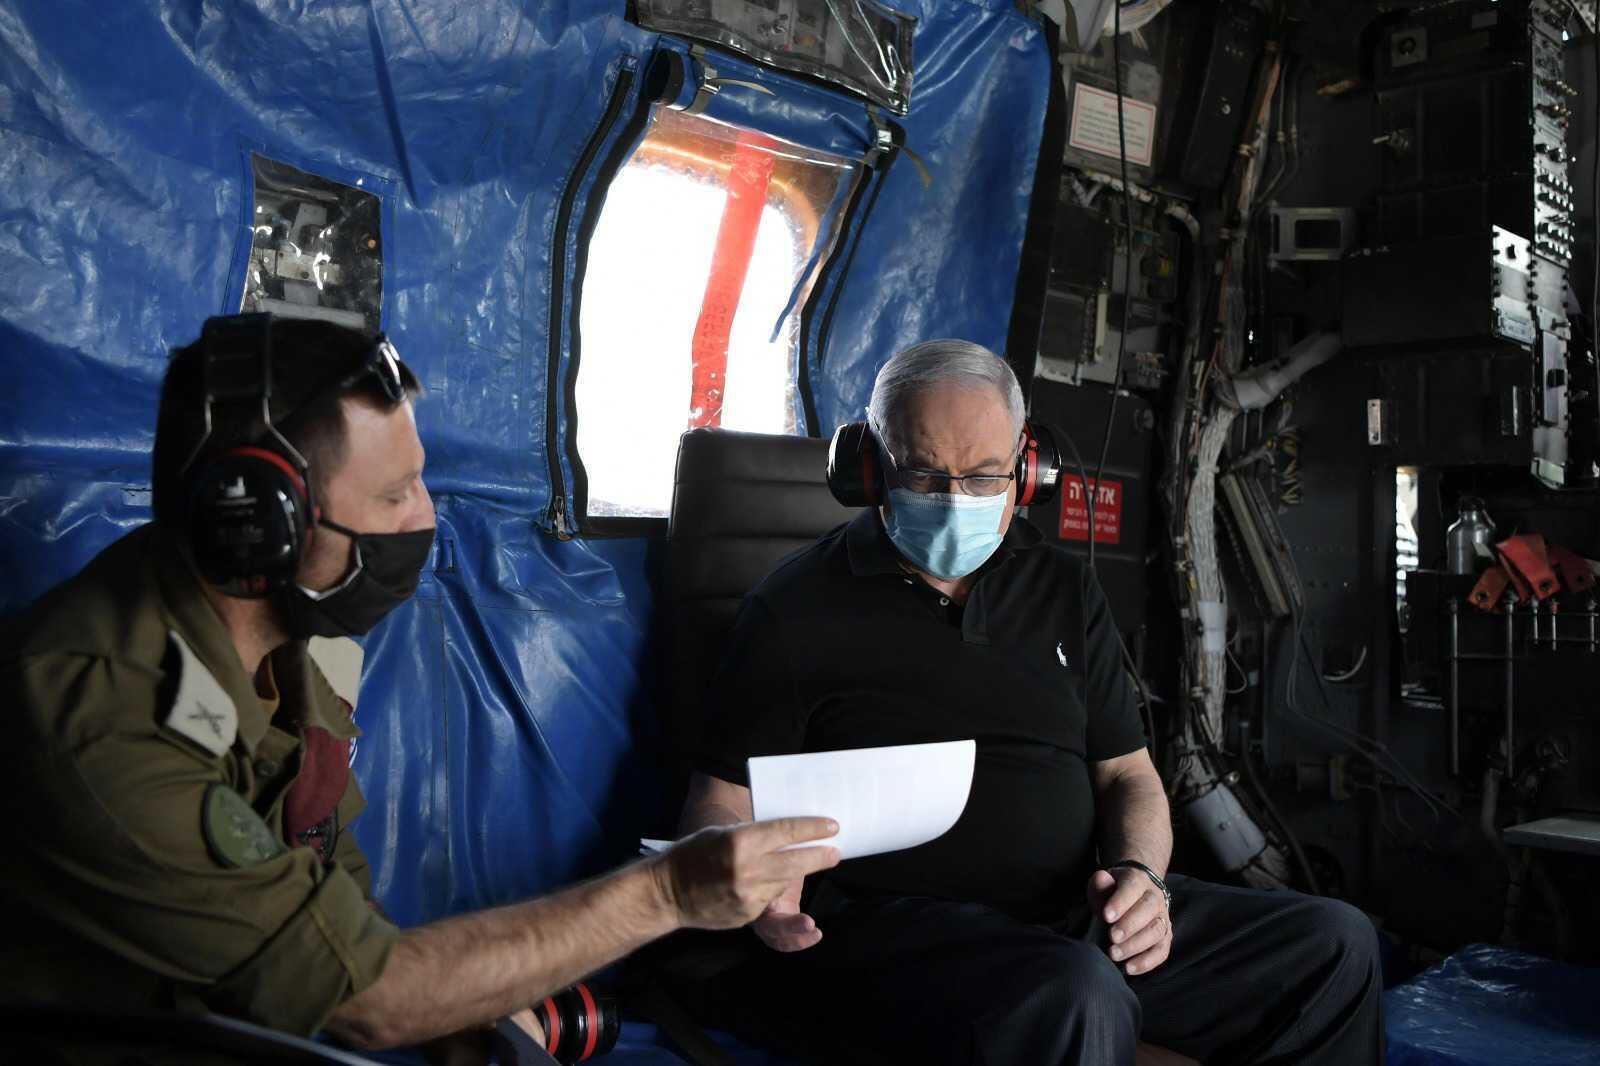 بنیامین نتانیاهو نخست وزیر اسرائیل در جریان بازدید از مقر فرماندهی ارتش این کشور در مرز با لبنان.